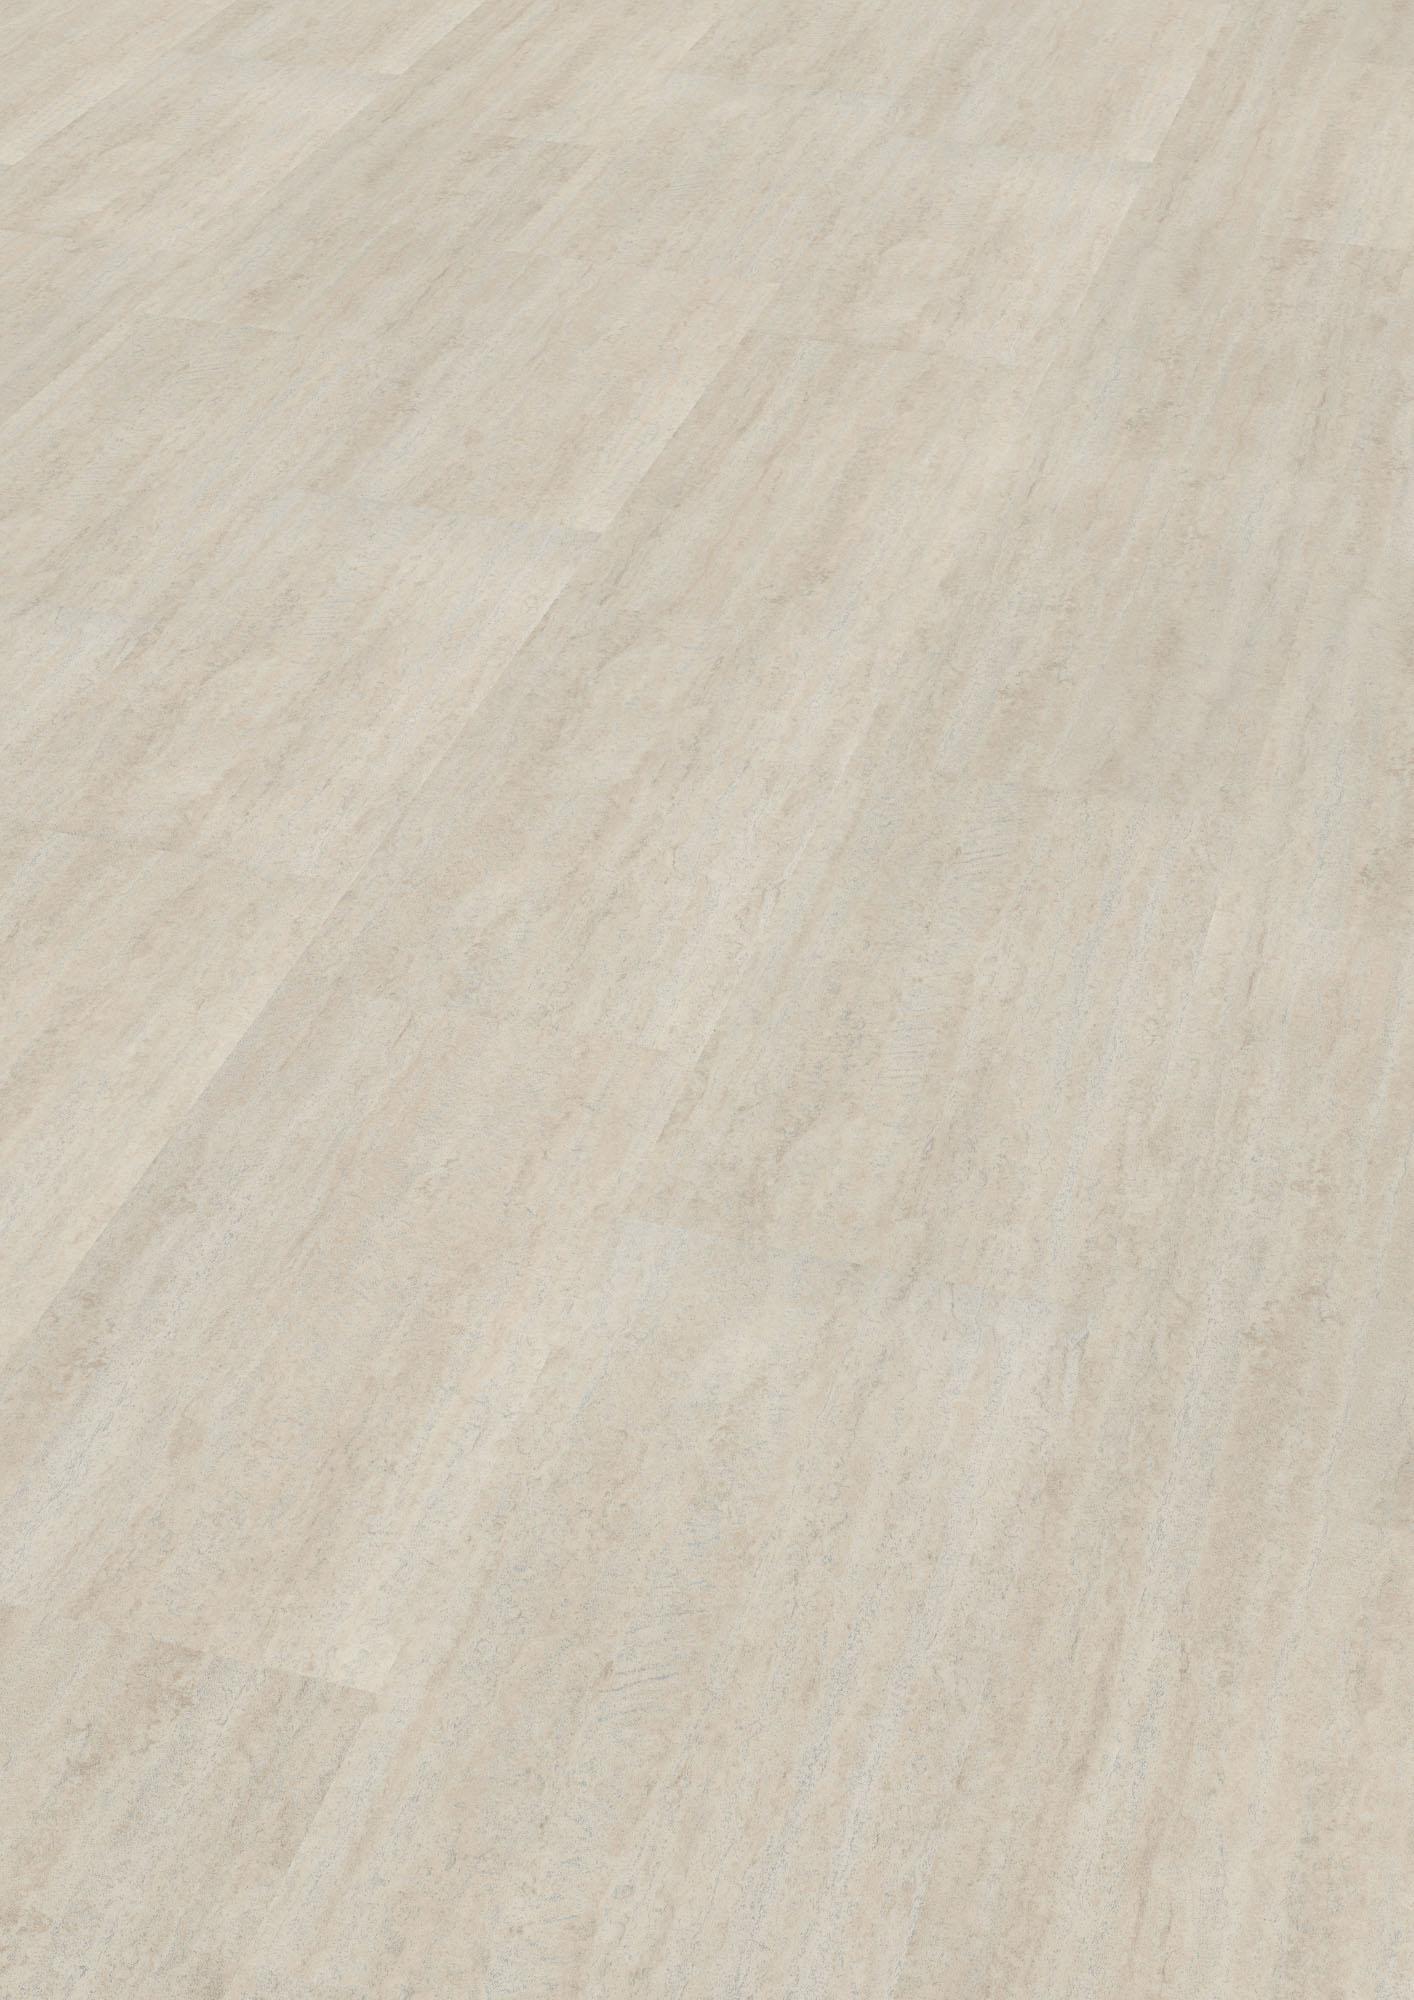 Wineo 600 Stone   Polar Travertine Klebe Vinylboden Fliese DB00017 |  Bodenheld24.de   Ihr Online Shop Für Bodenbelag